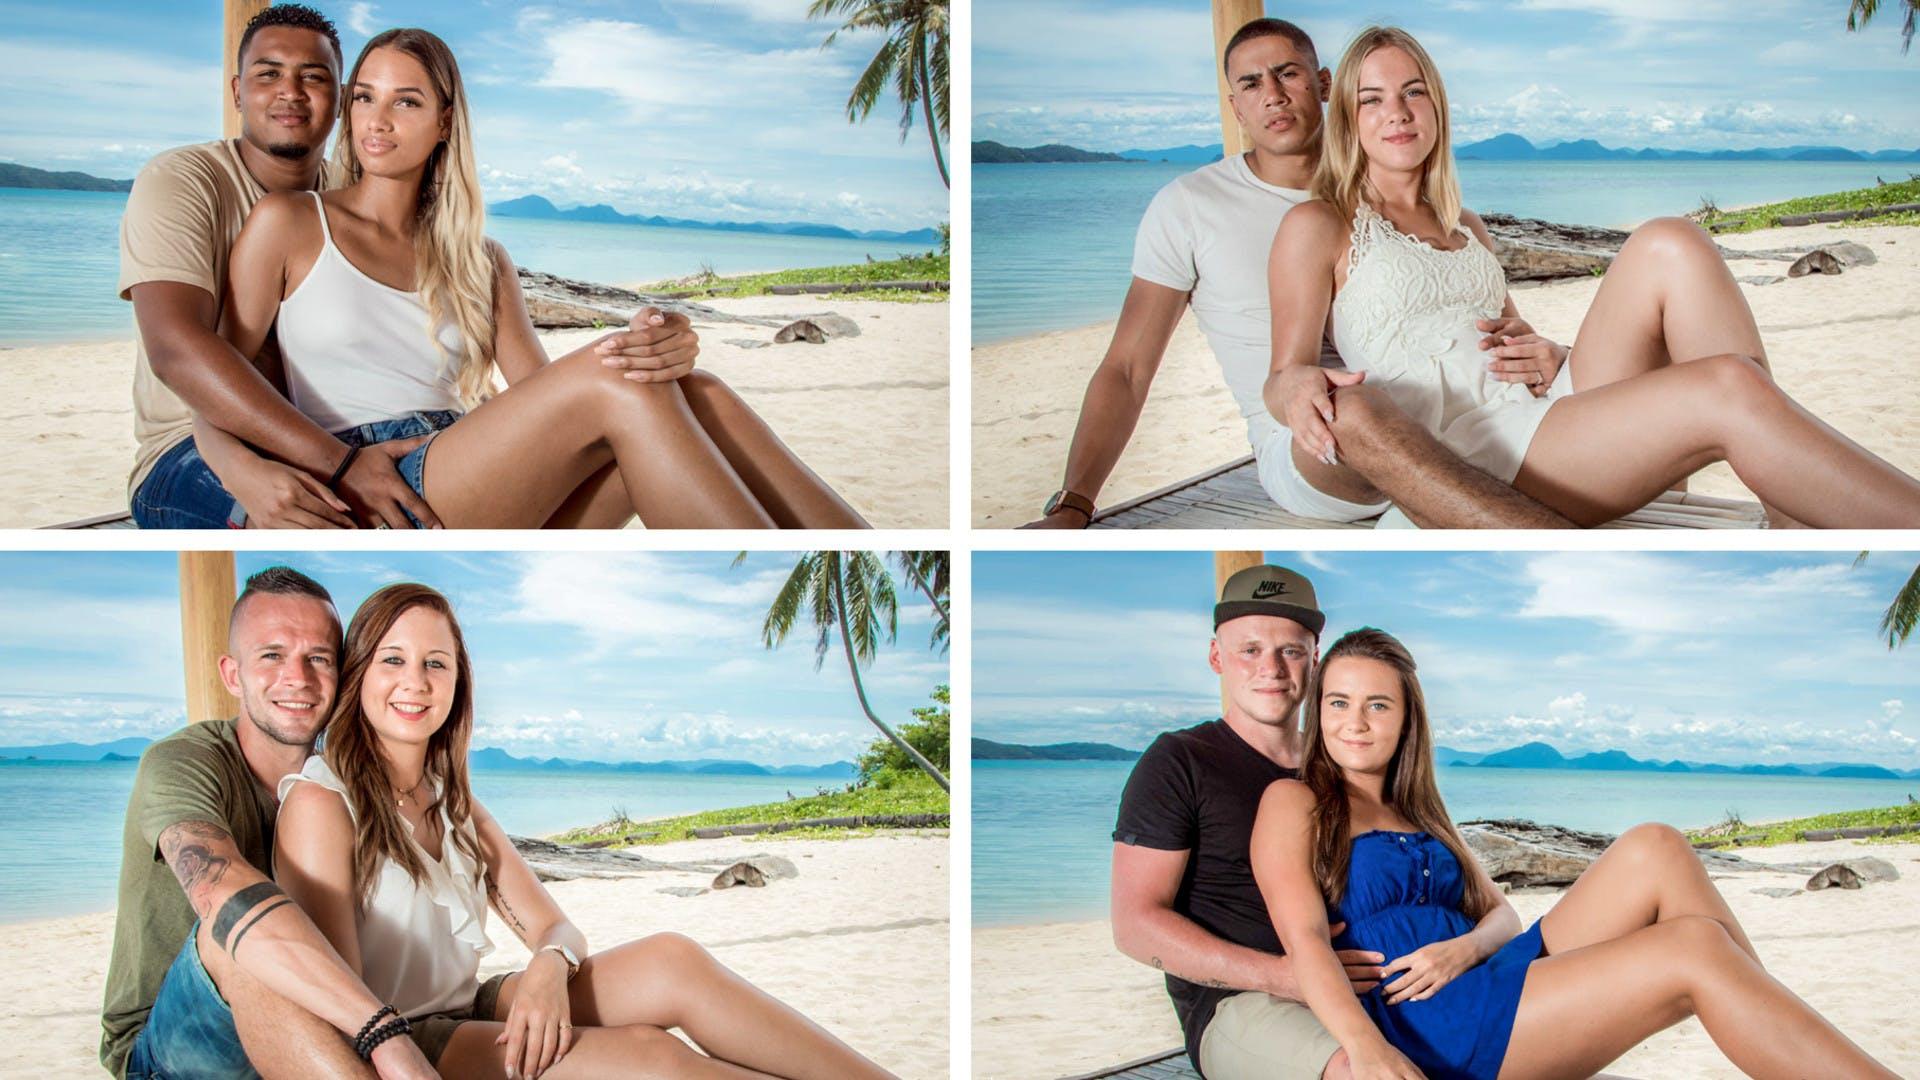 Boven v.l.n.r: Jeremy & Vanessa en Mezdi & Daniëlle Onder v.l.n.r.: Tim & Deborah en Kevin & Megan